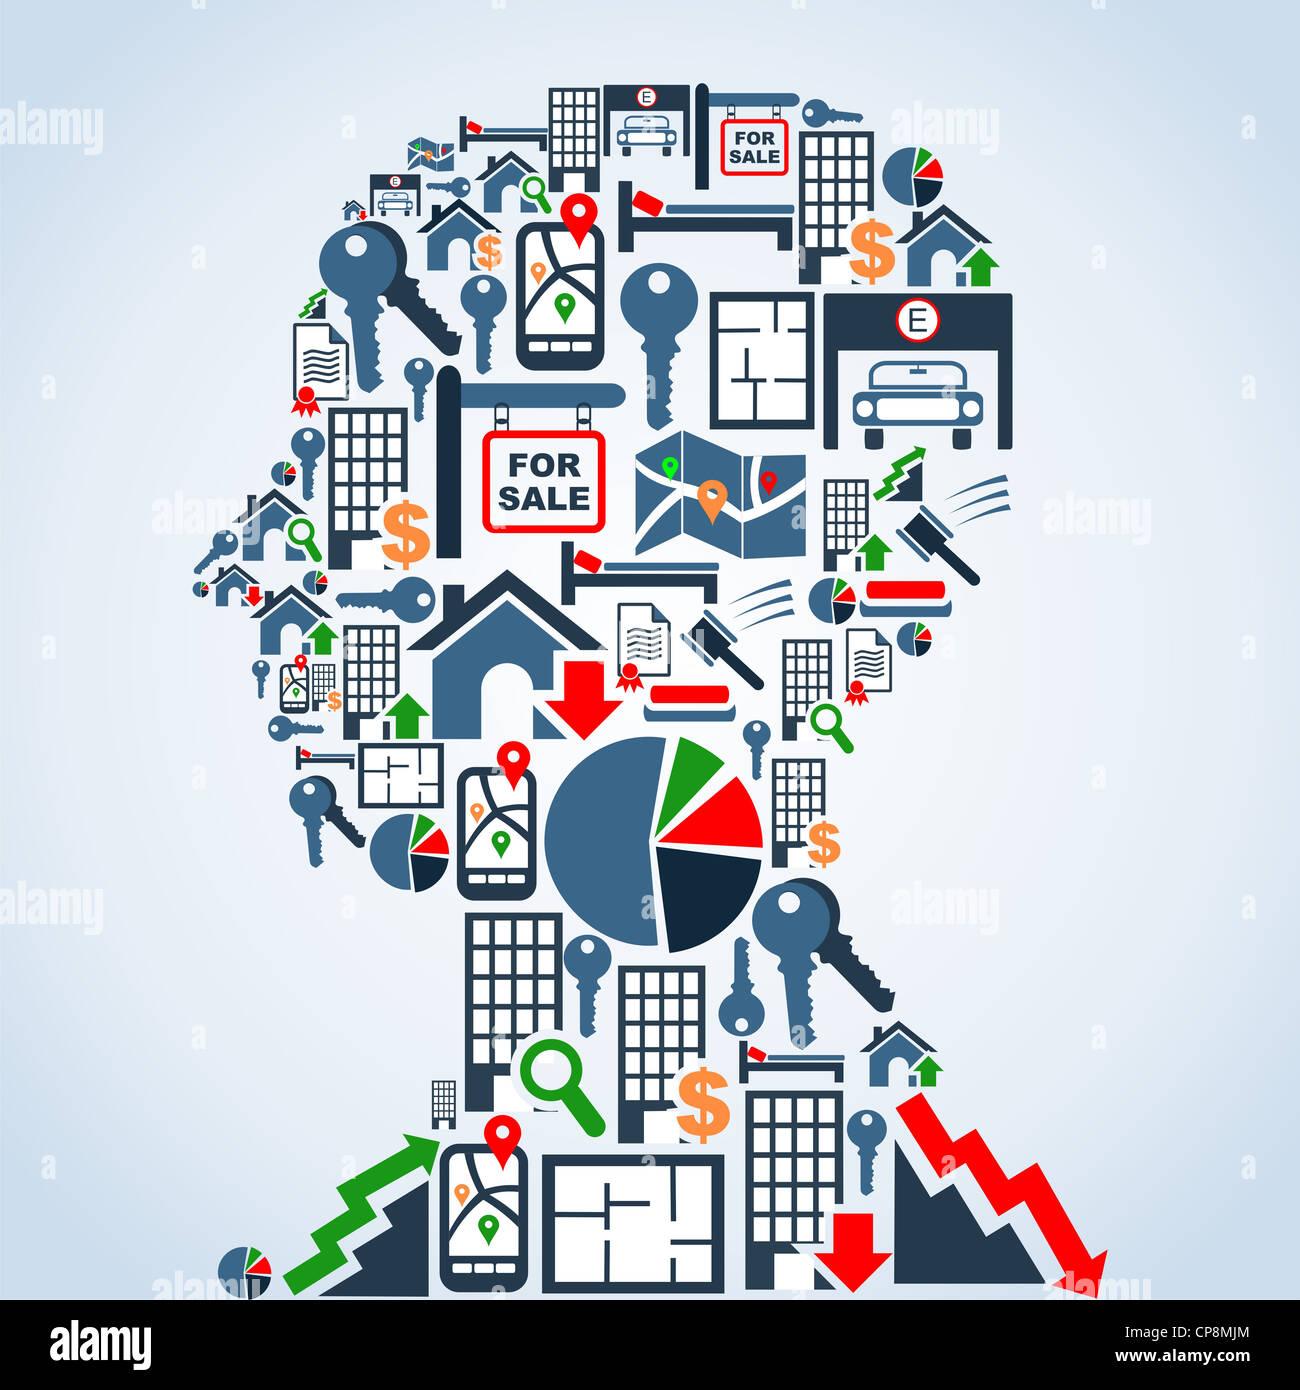 Real estate conjunto de iconos en forma de la cabeza de hombre ilustración de fondo. Capas de archivo vectorial Imagen De Stock